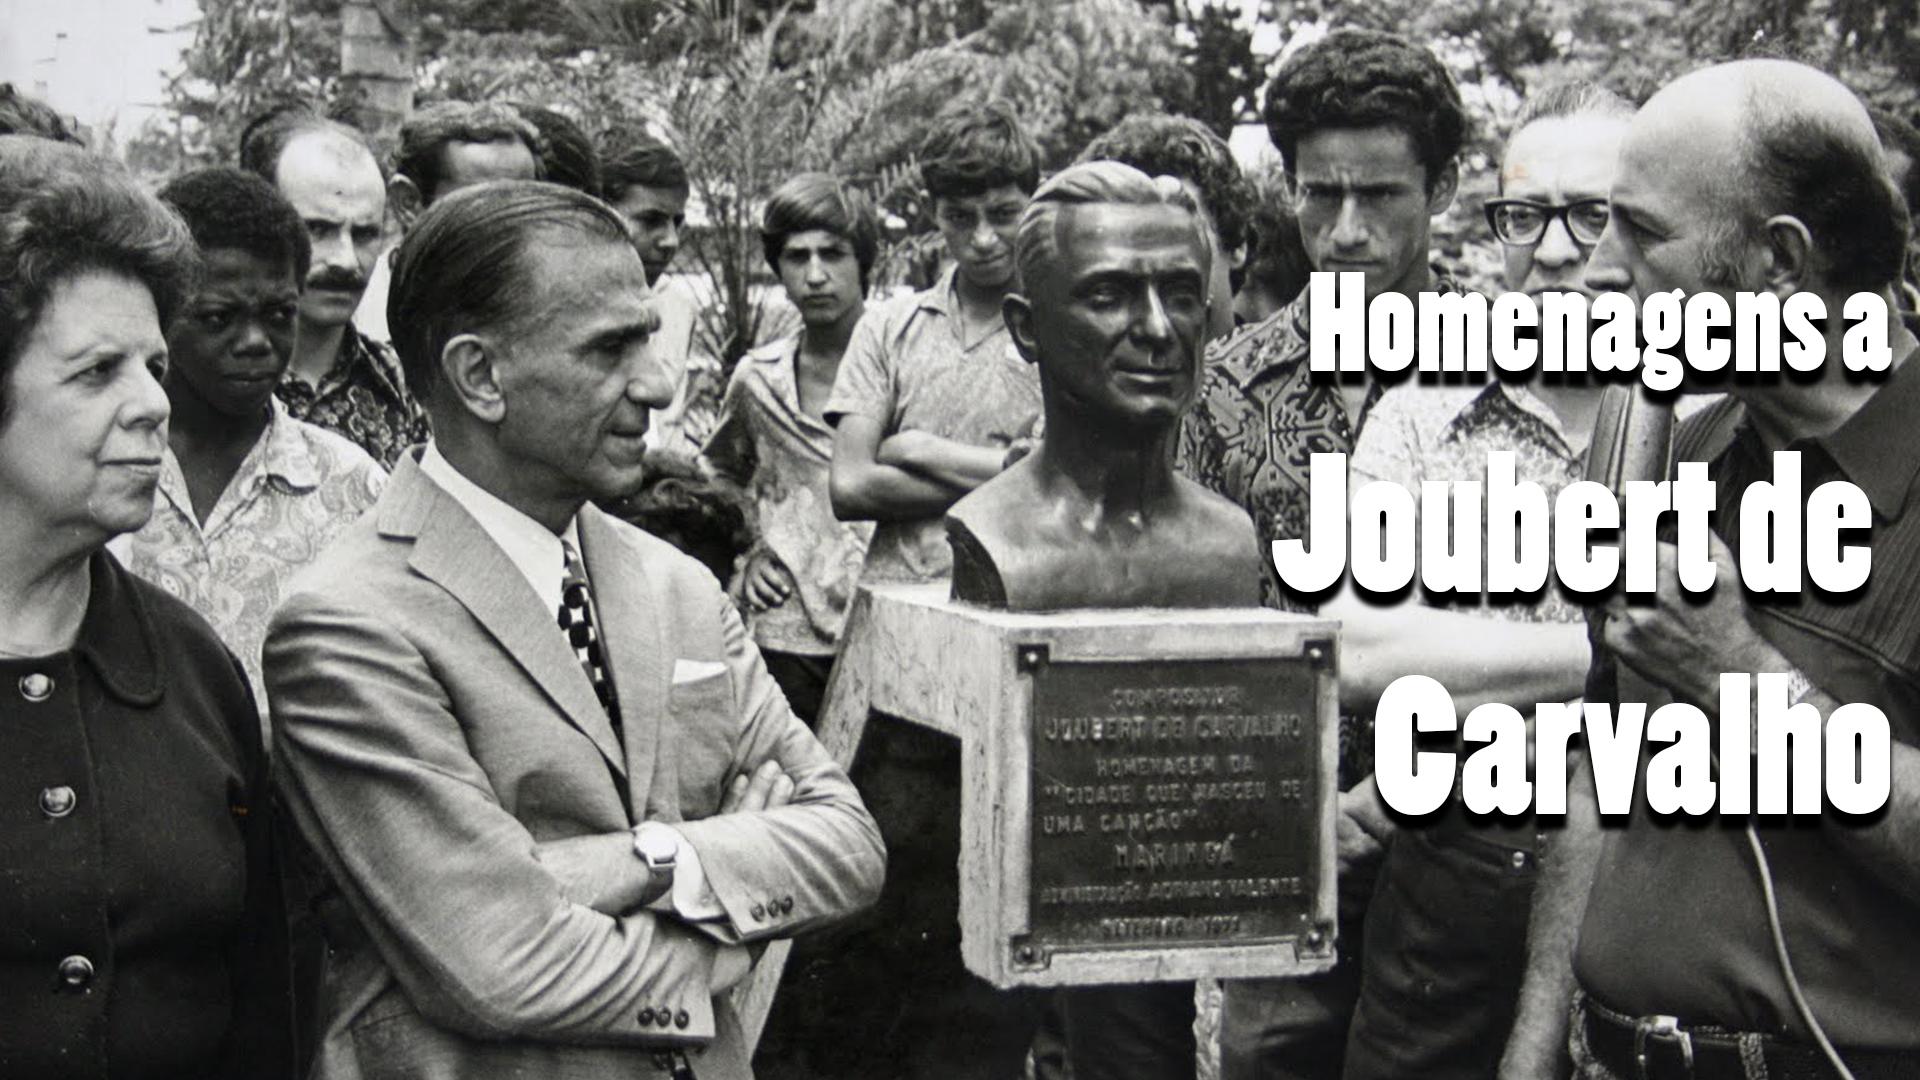 Homenagens a Joubert de Carvalho